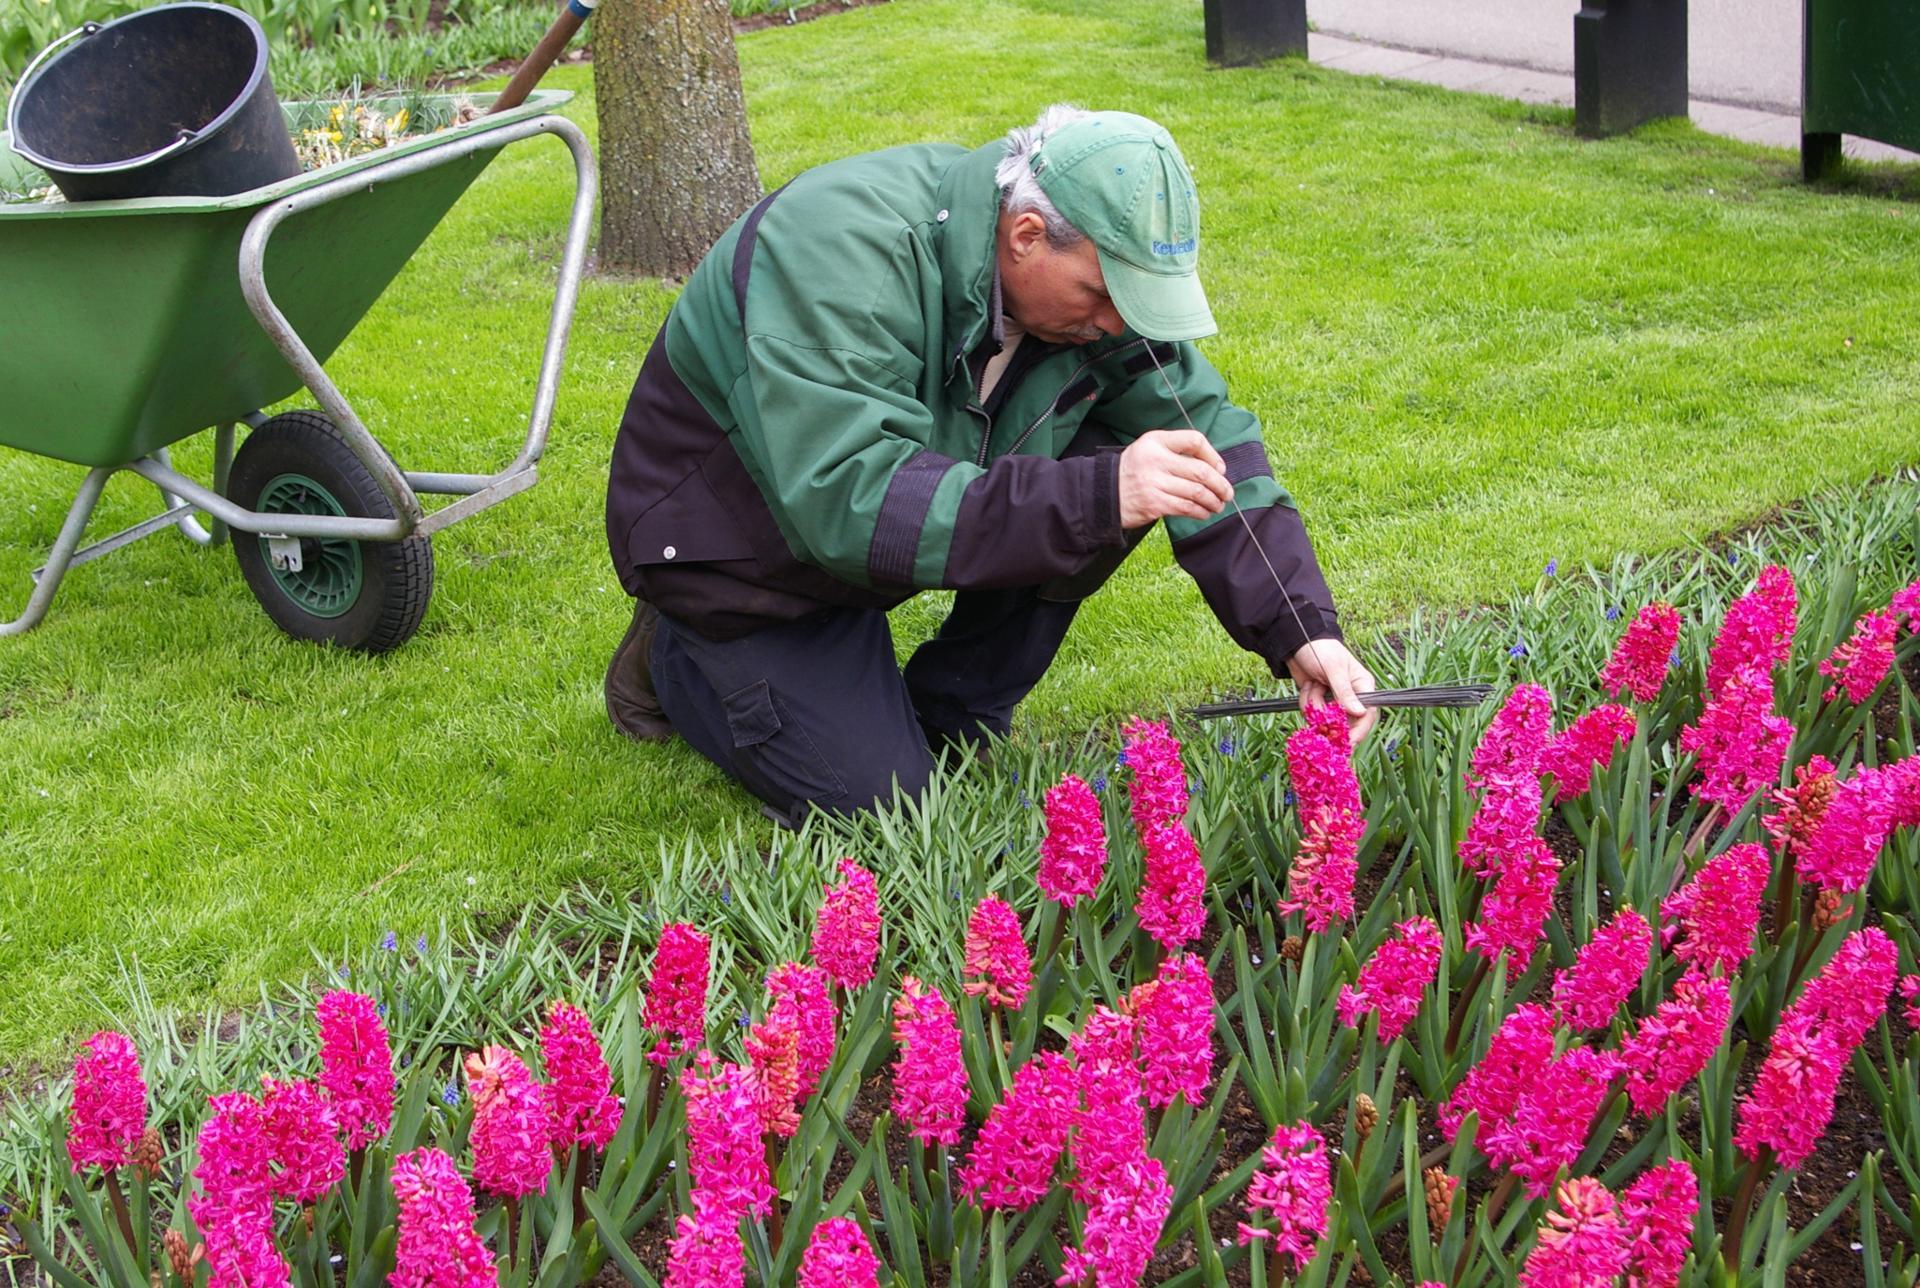 IMGP2001.JPG - Le jardinier